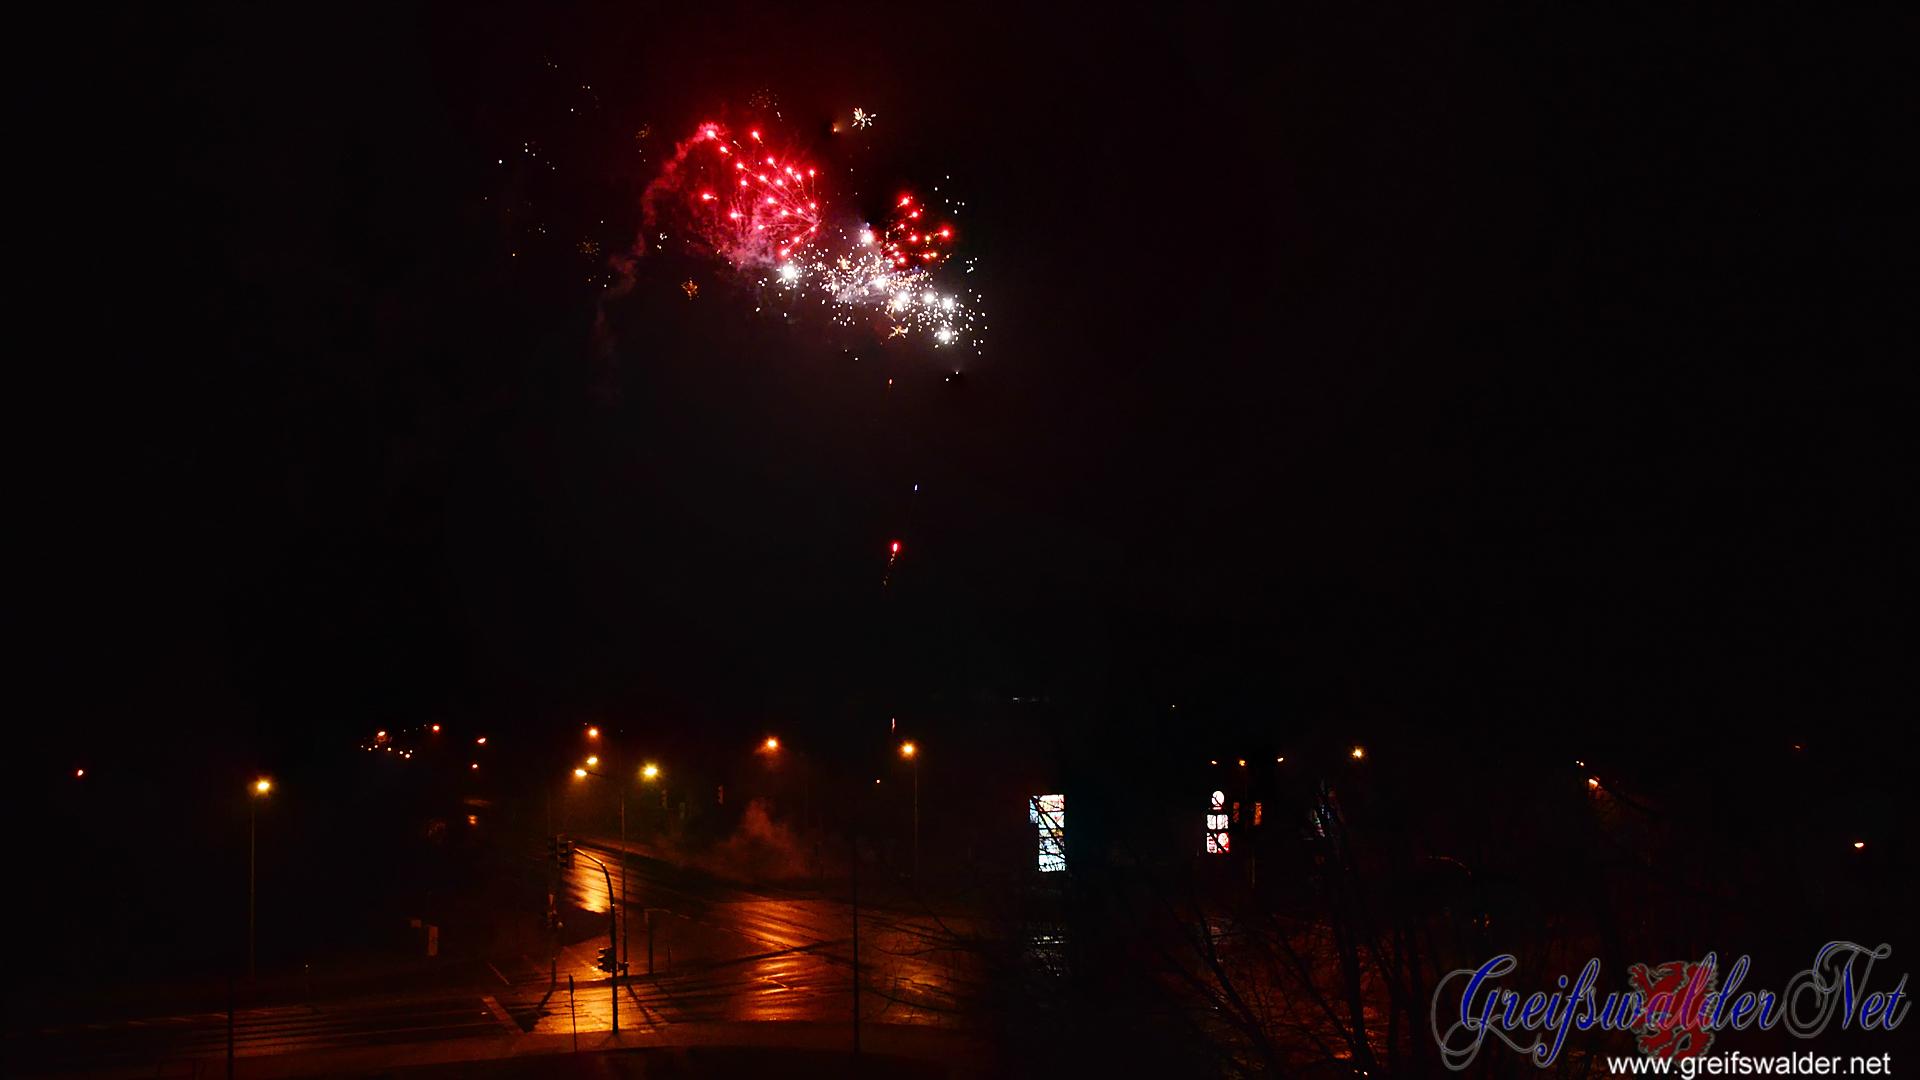 Feuerwerk 2017 in Greifswald